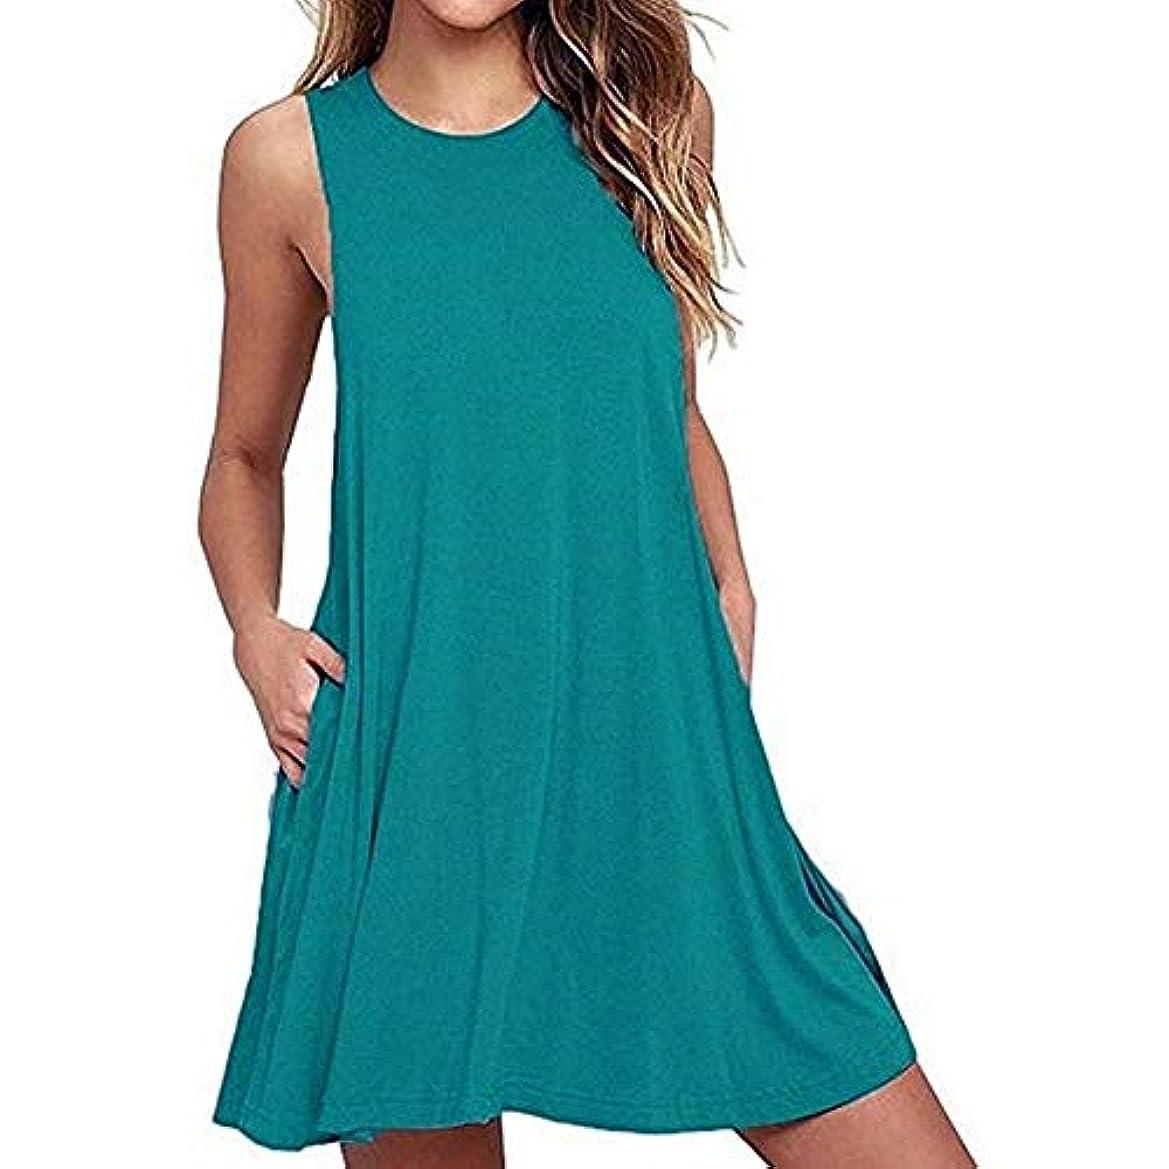 サーキットに行くゆり武器MIFAN 人の女性のドレス、プラスサイズのドレス、ノースリーブのドレス、ミニドレス、ホルタードレス、コットンドレス